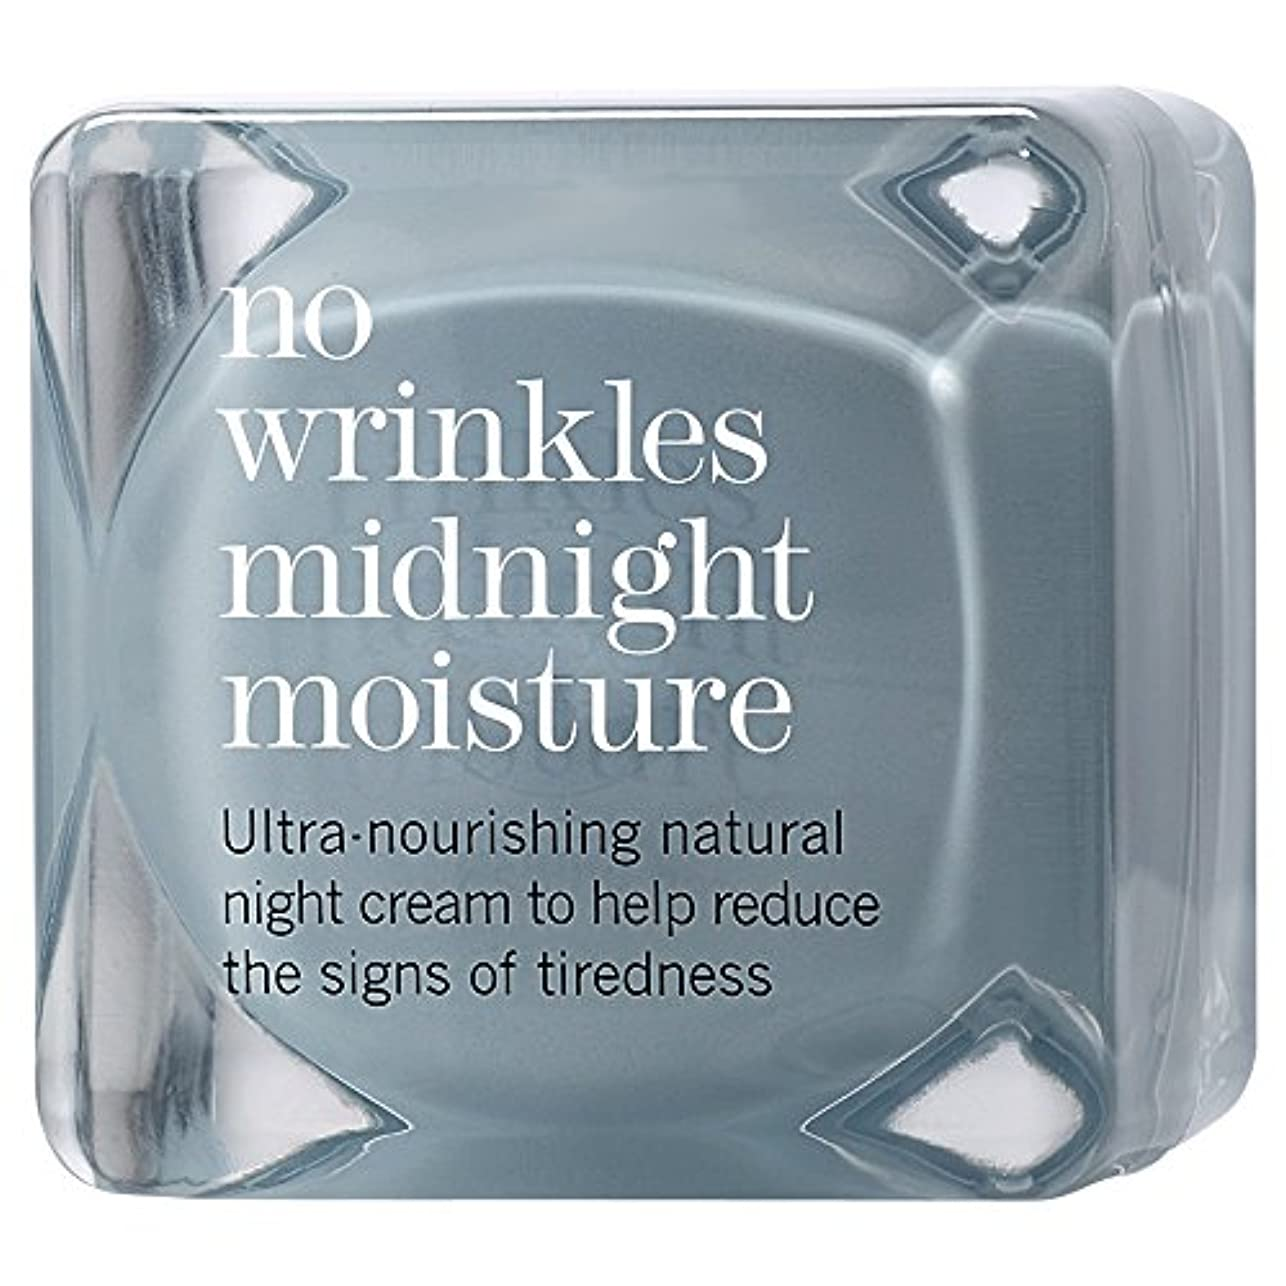 岩上ホストこれにはしわ真夜中の水分48ミリリットルの作品はありません (This Works) - This Works No Wrinkles Midnight Moisture 48ml [並行輸入品]